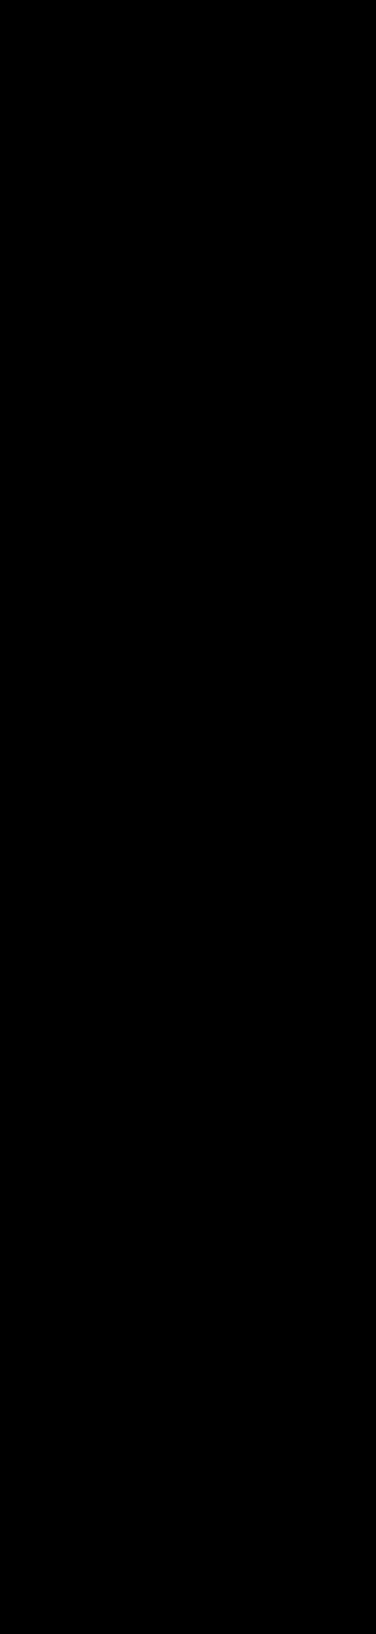 คอร์ดกีต้า ง่ายๆ คอร์ดกีตาร์ ง่าย เพลง เลือดมังกร (Ost. เลือดมังกร)